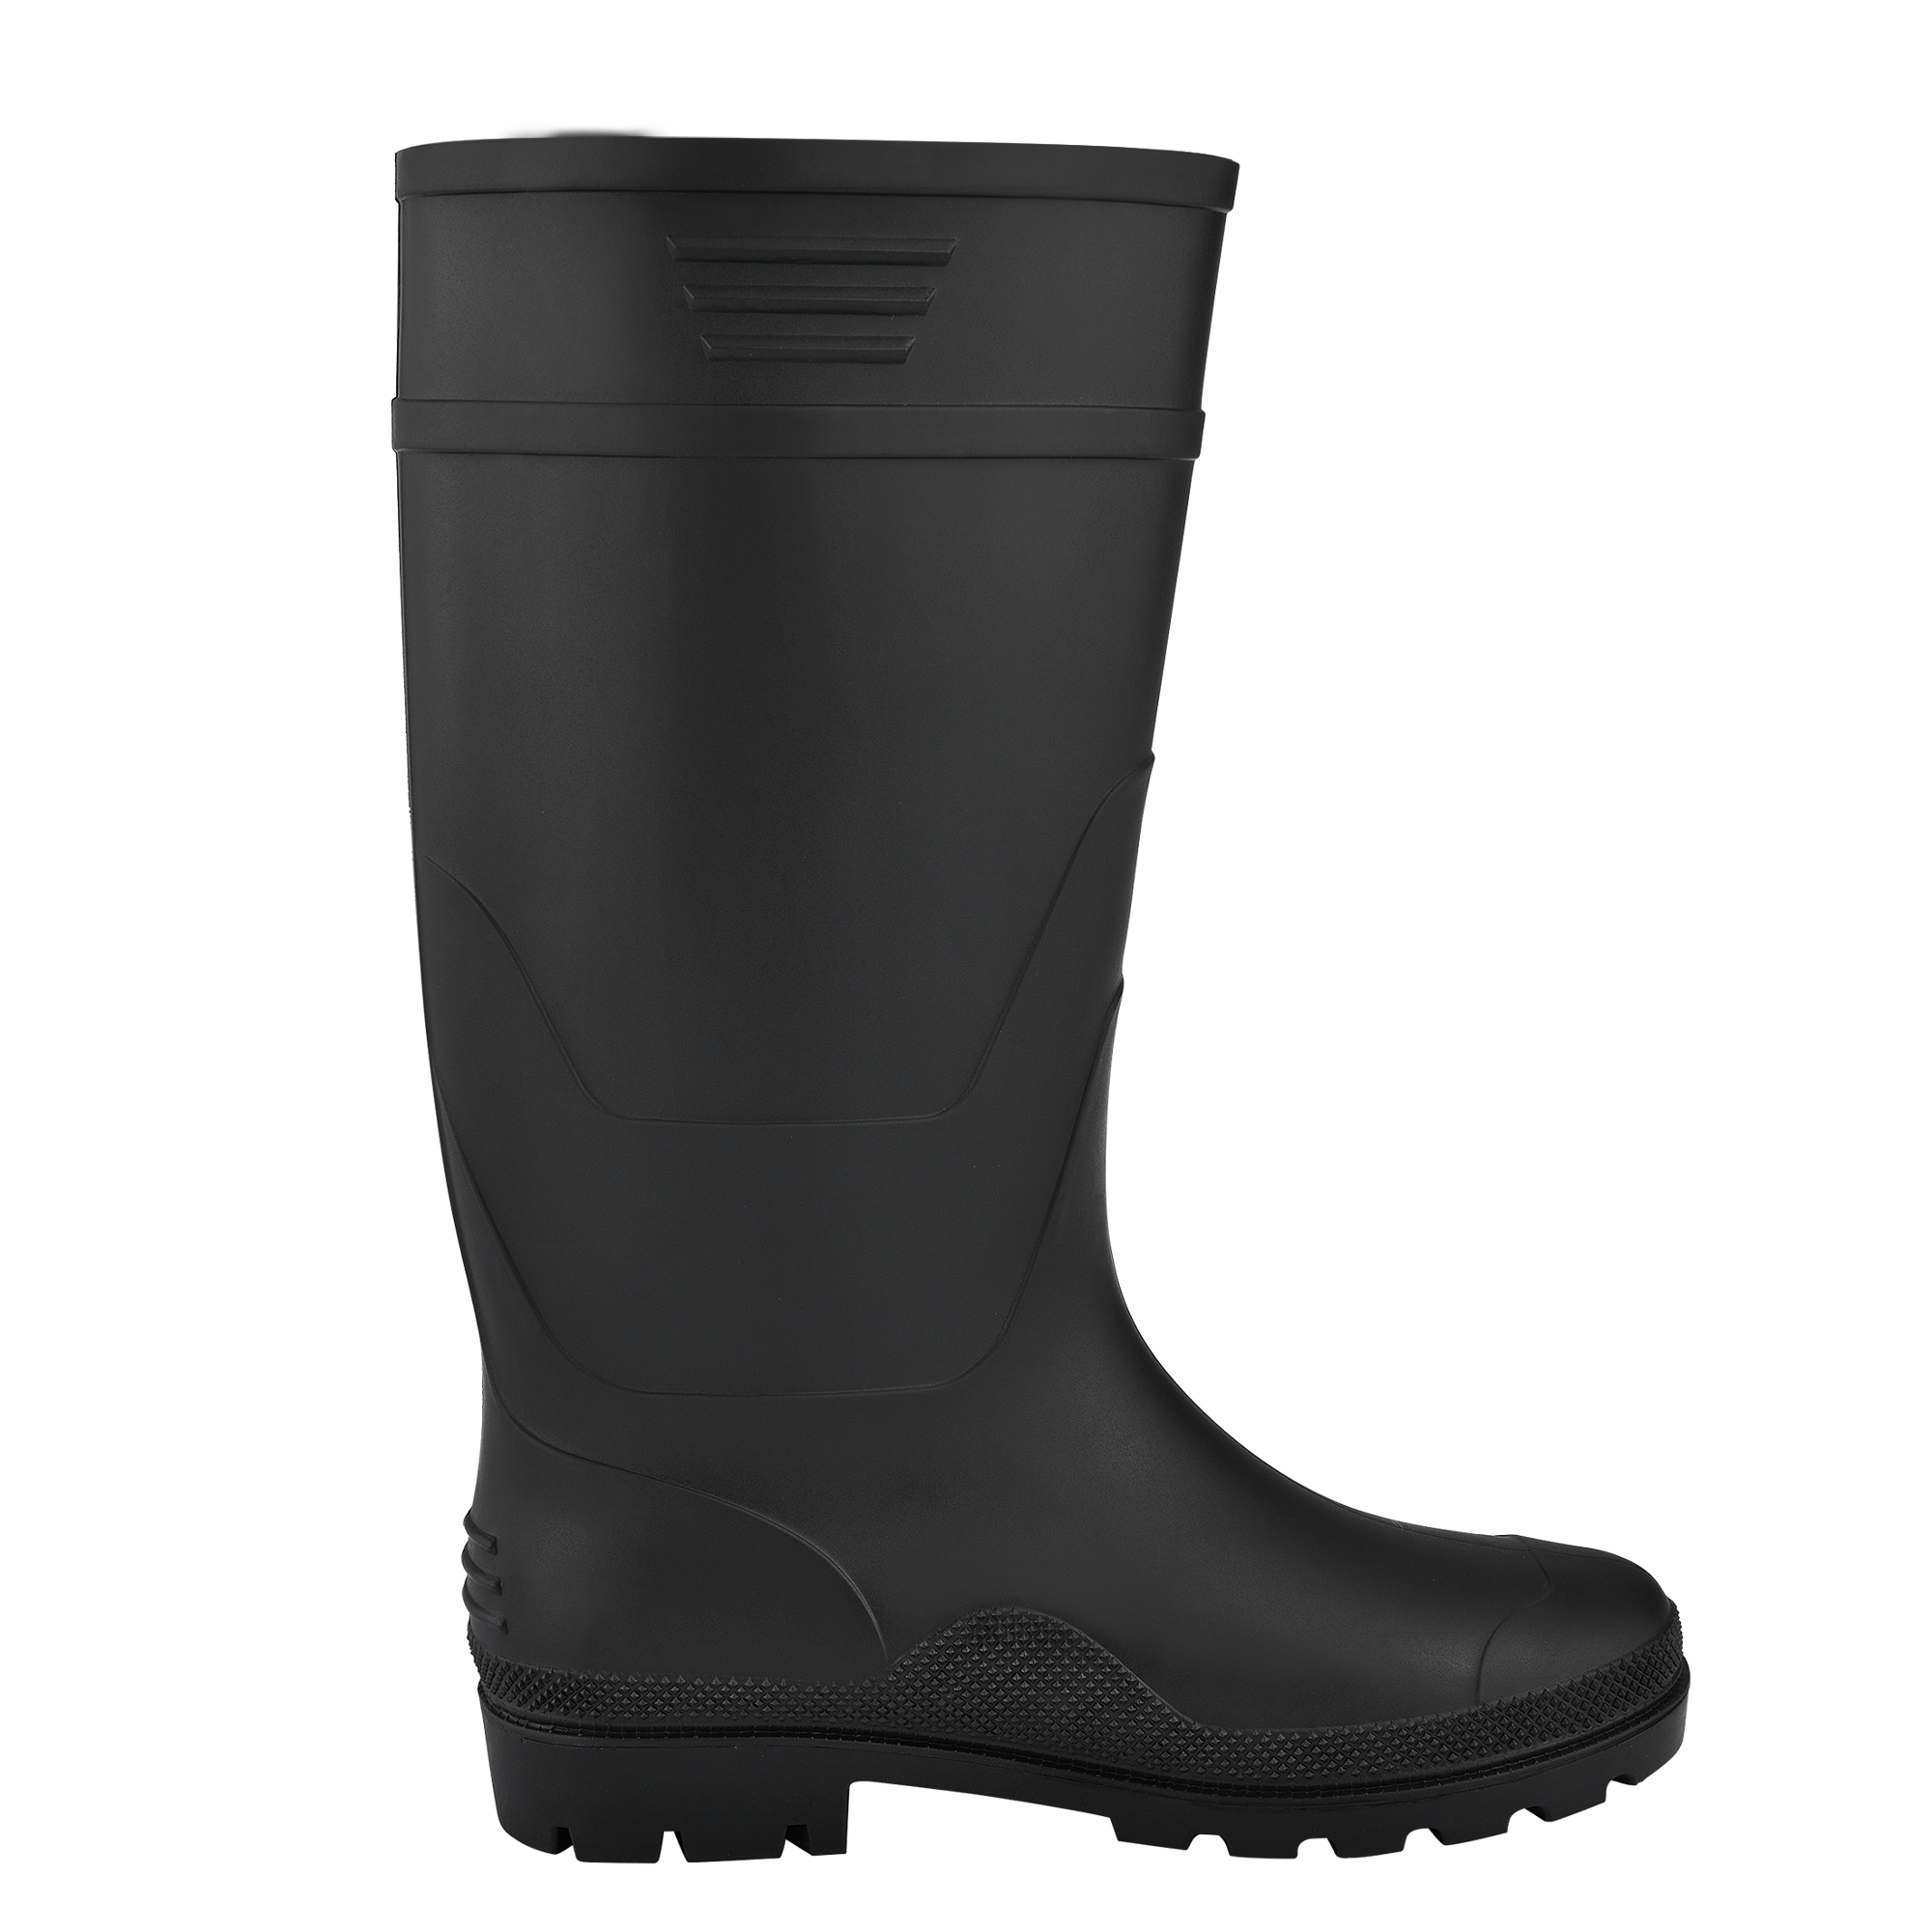 Arbeitskleidung & -schutz Fein Dunlop Pricemastor Gummistiefel Arbeitsstiefel Boots Stiefel Schwarz Gr.40 Preisnachlass Business & Industrie